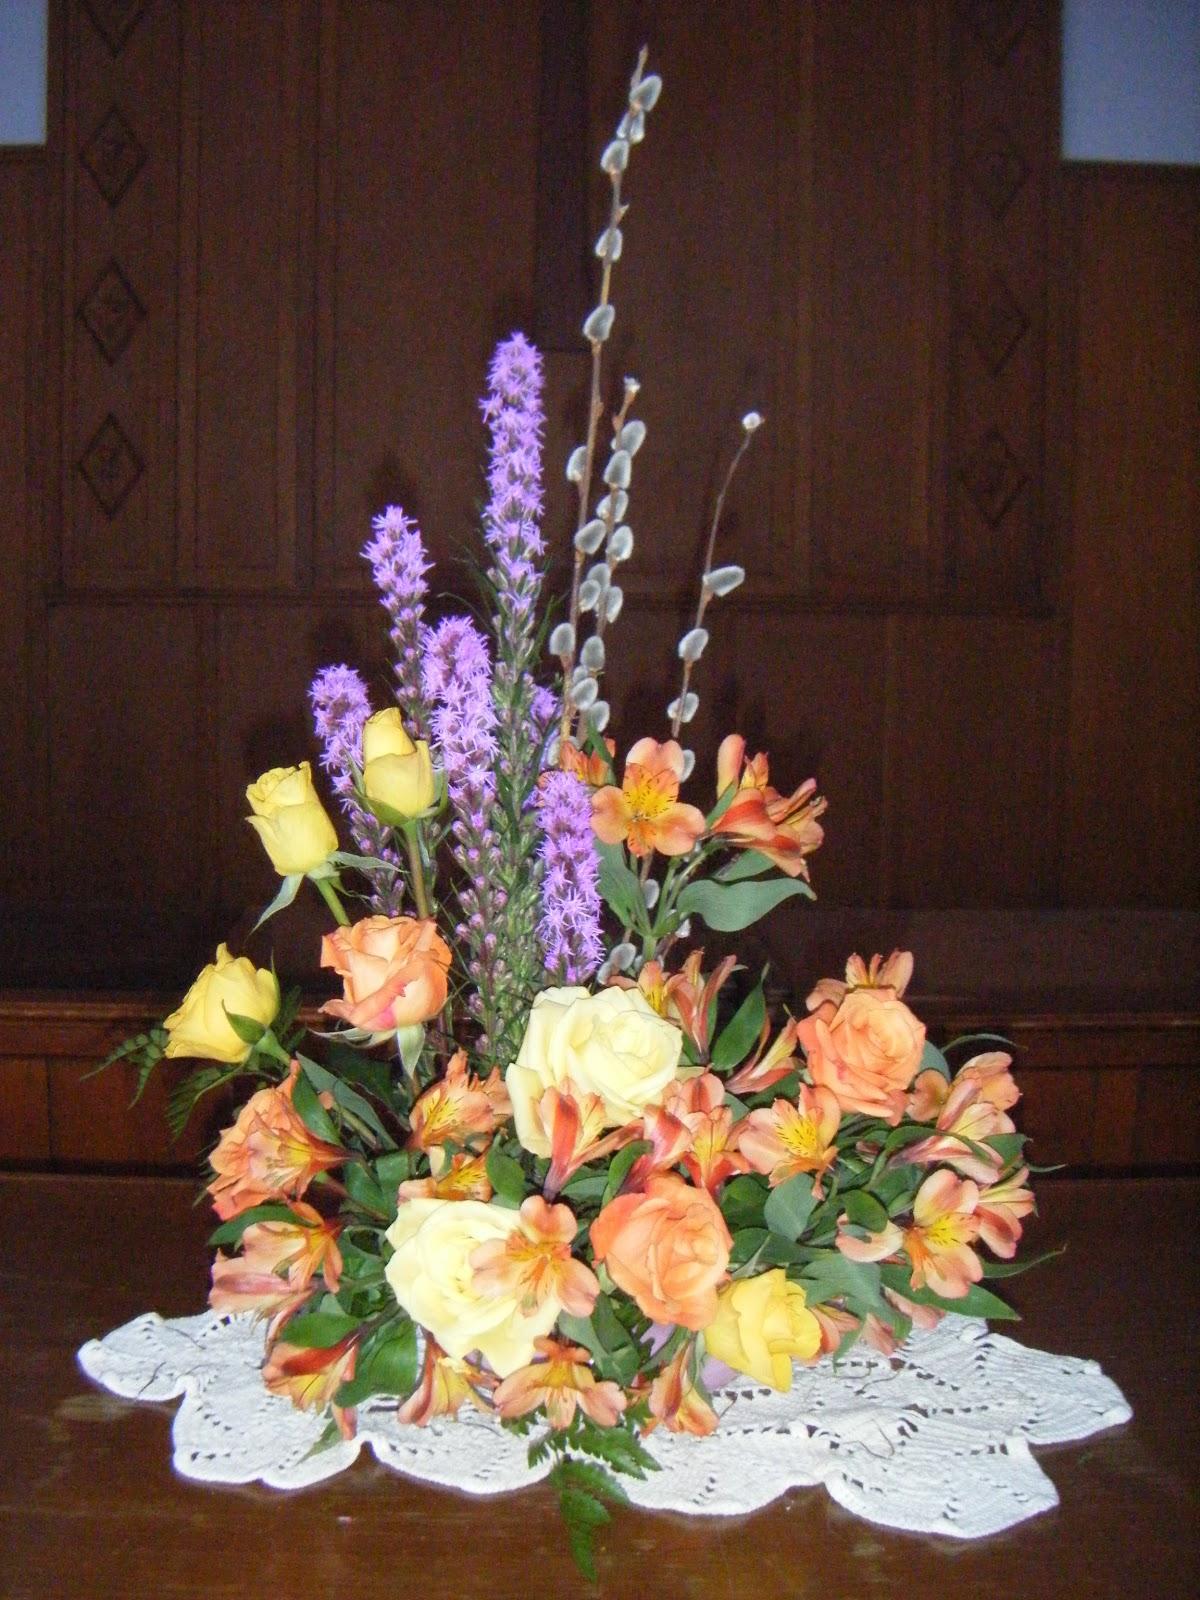 Pattie S Floral Design Sunday Service Floral Arrangement